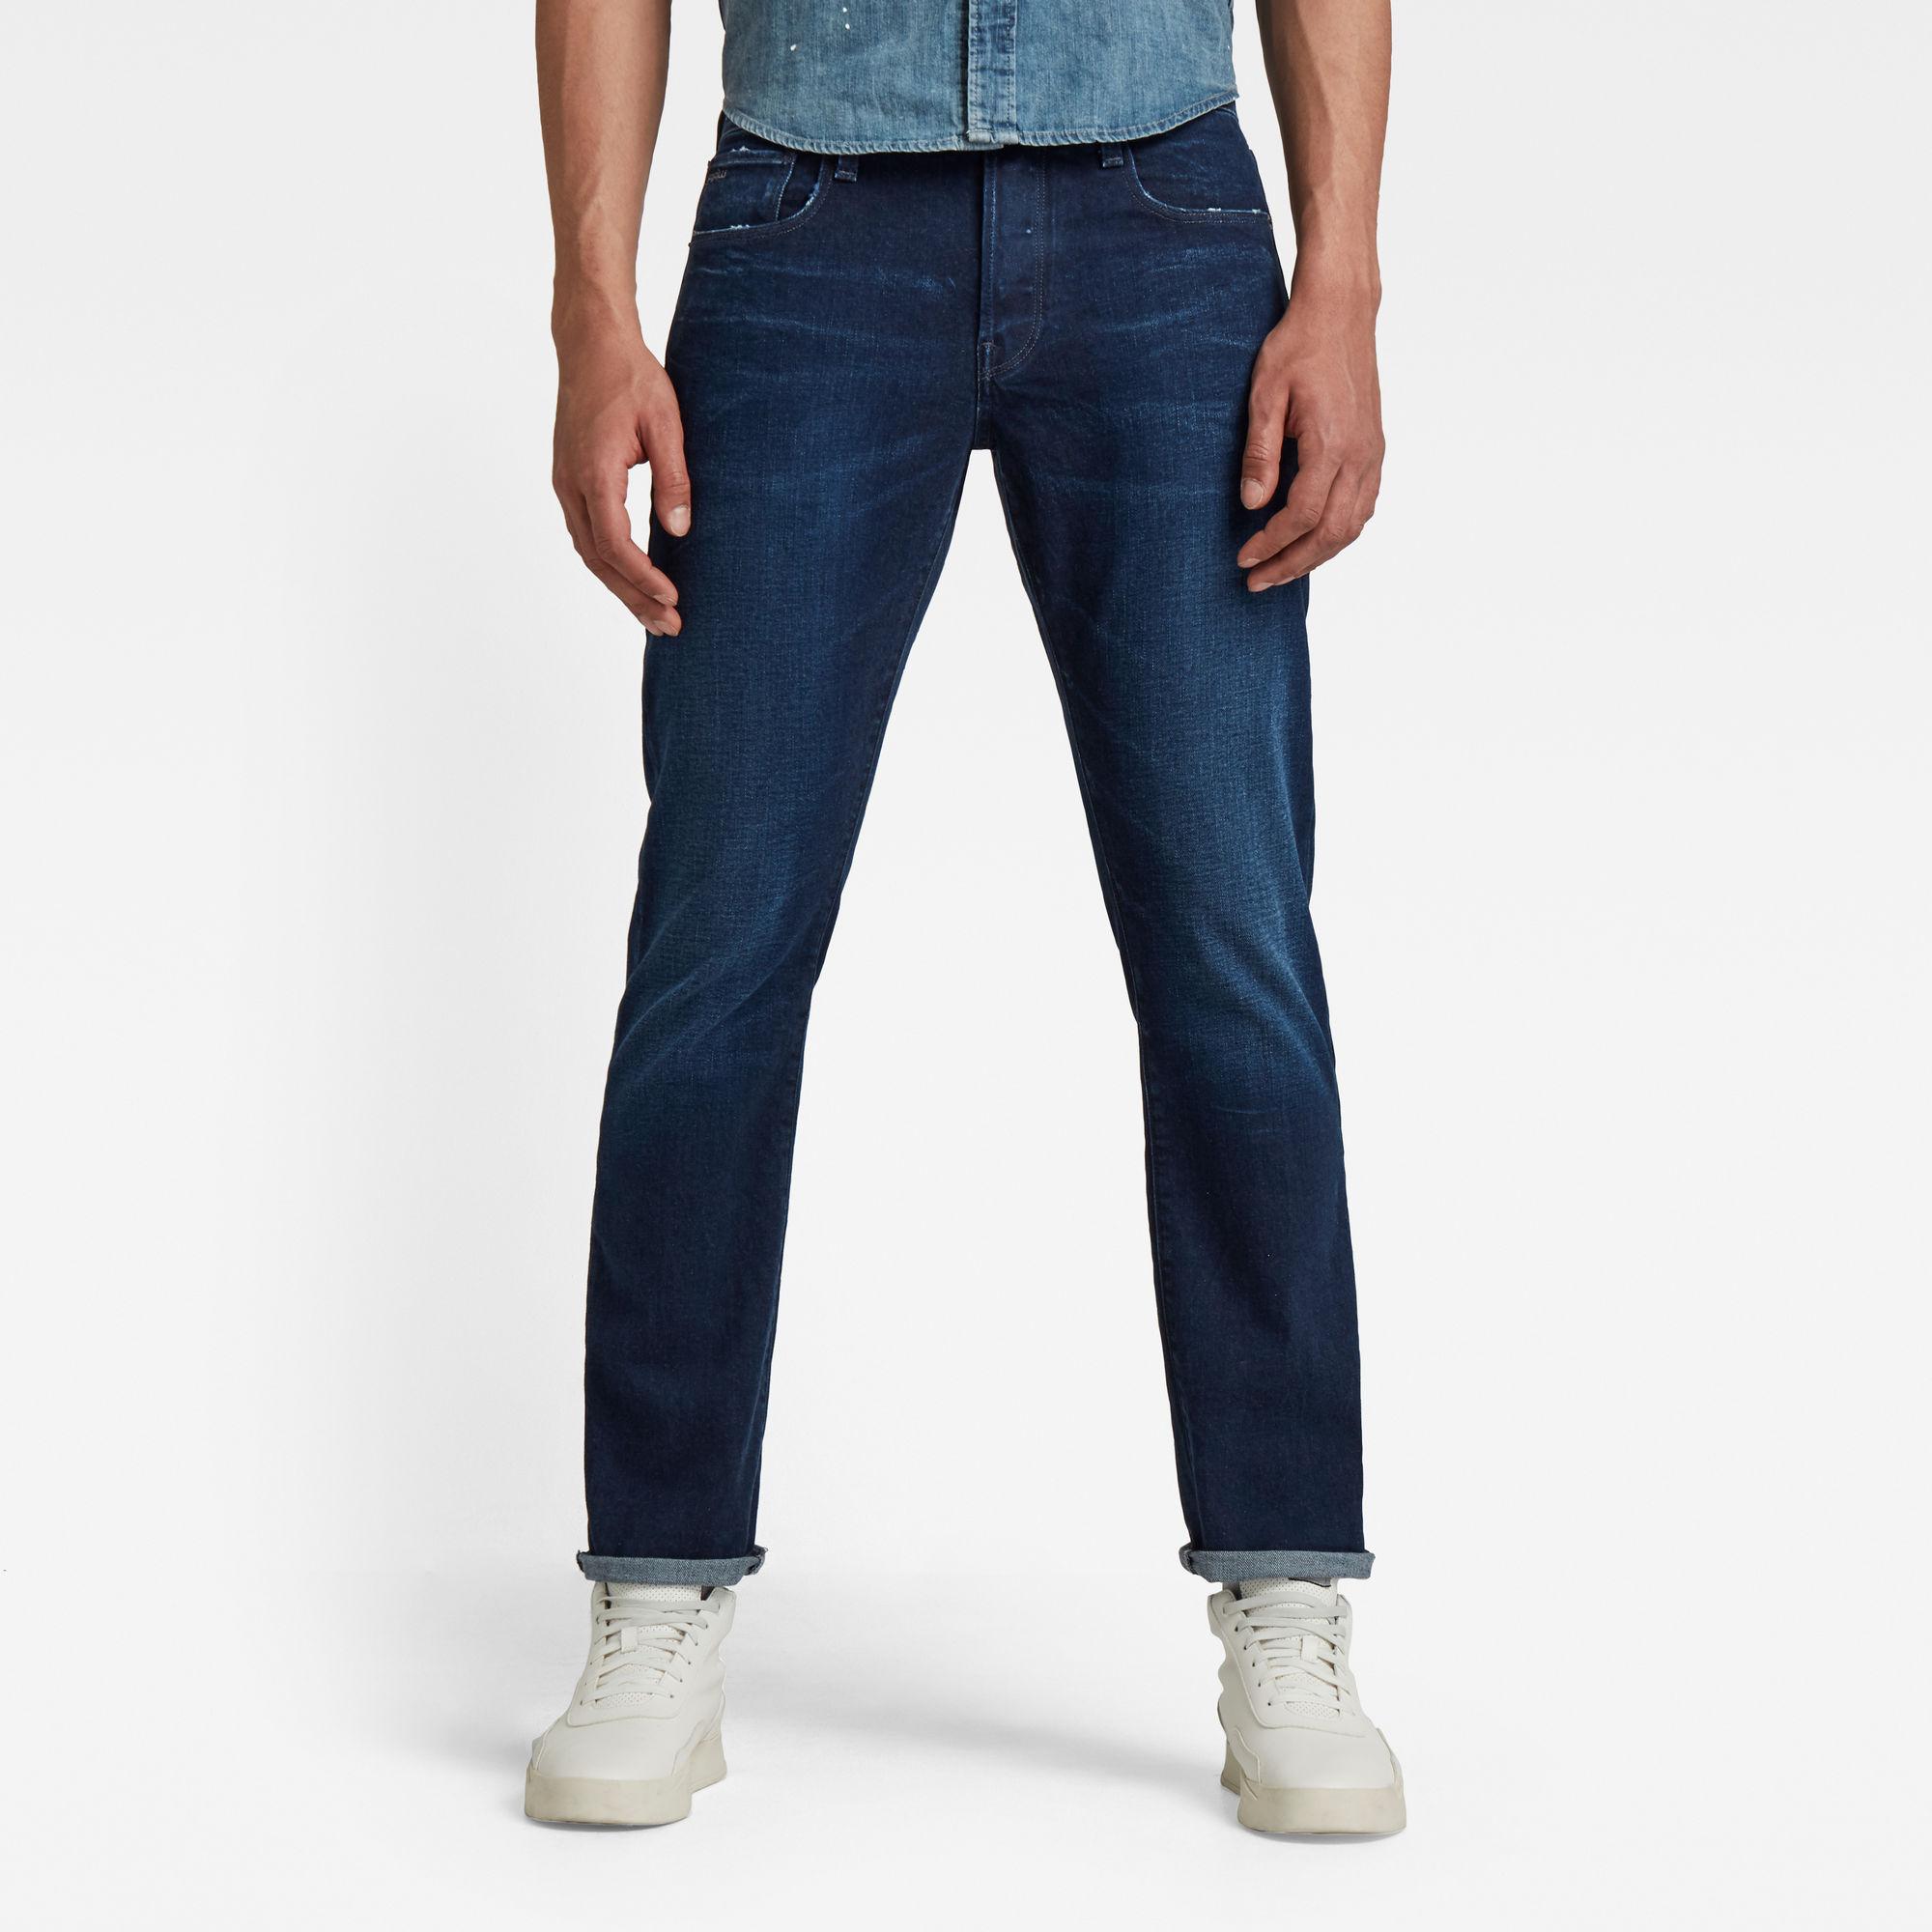 G-Star RAW Heren 3301 Regular Straight Jeans Donkerblauw